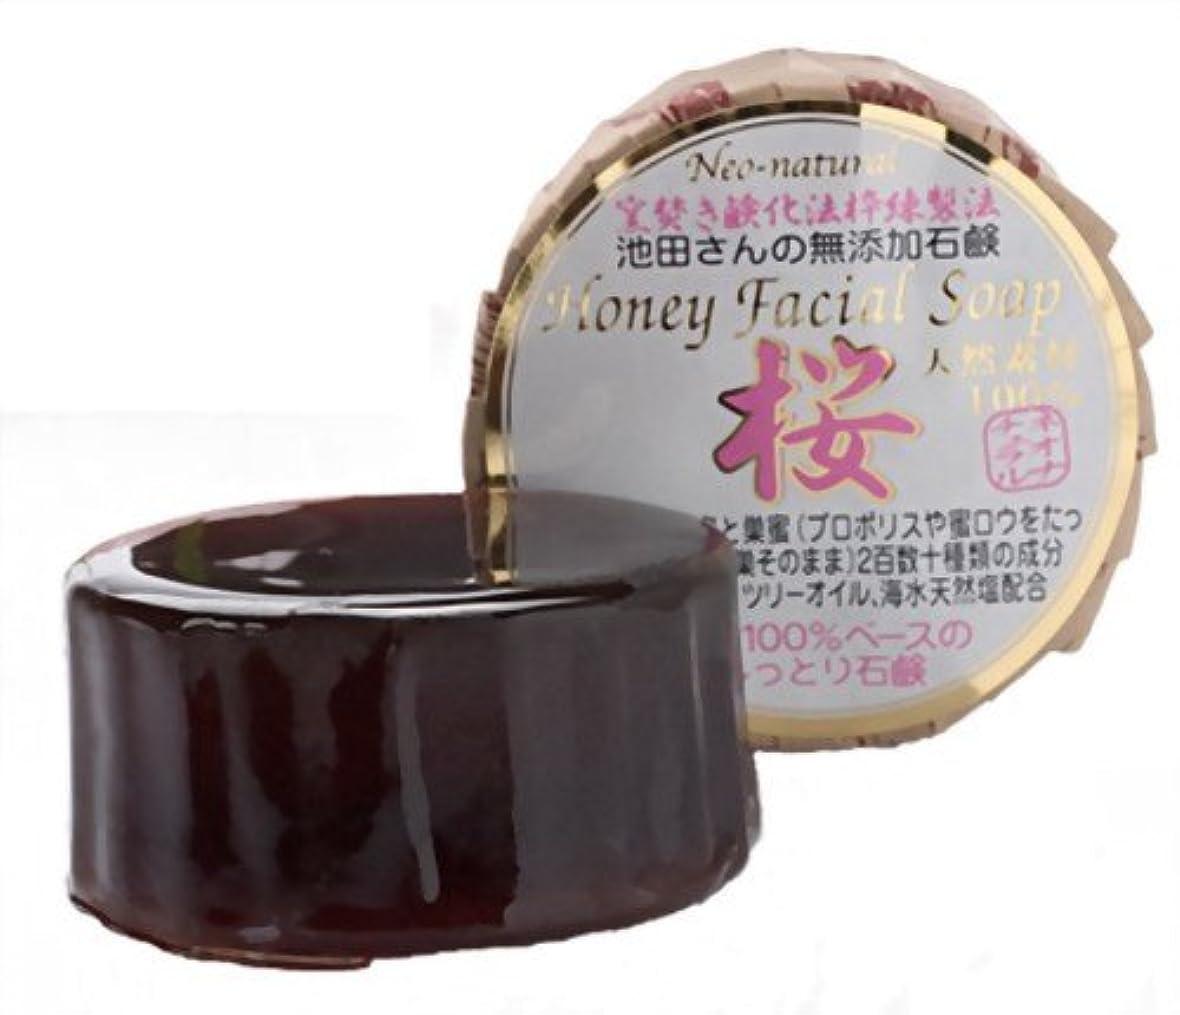 ポンプブラザー寂しいネオナチュラル 池田さんのハニーフェイシャルソープ桜 80g